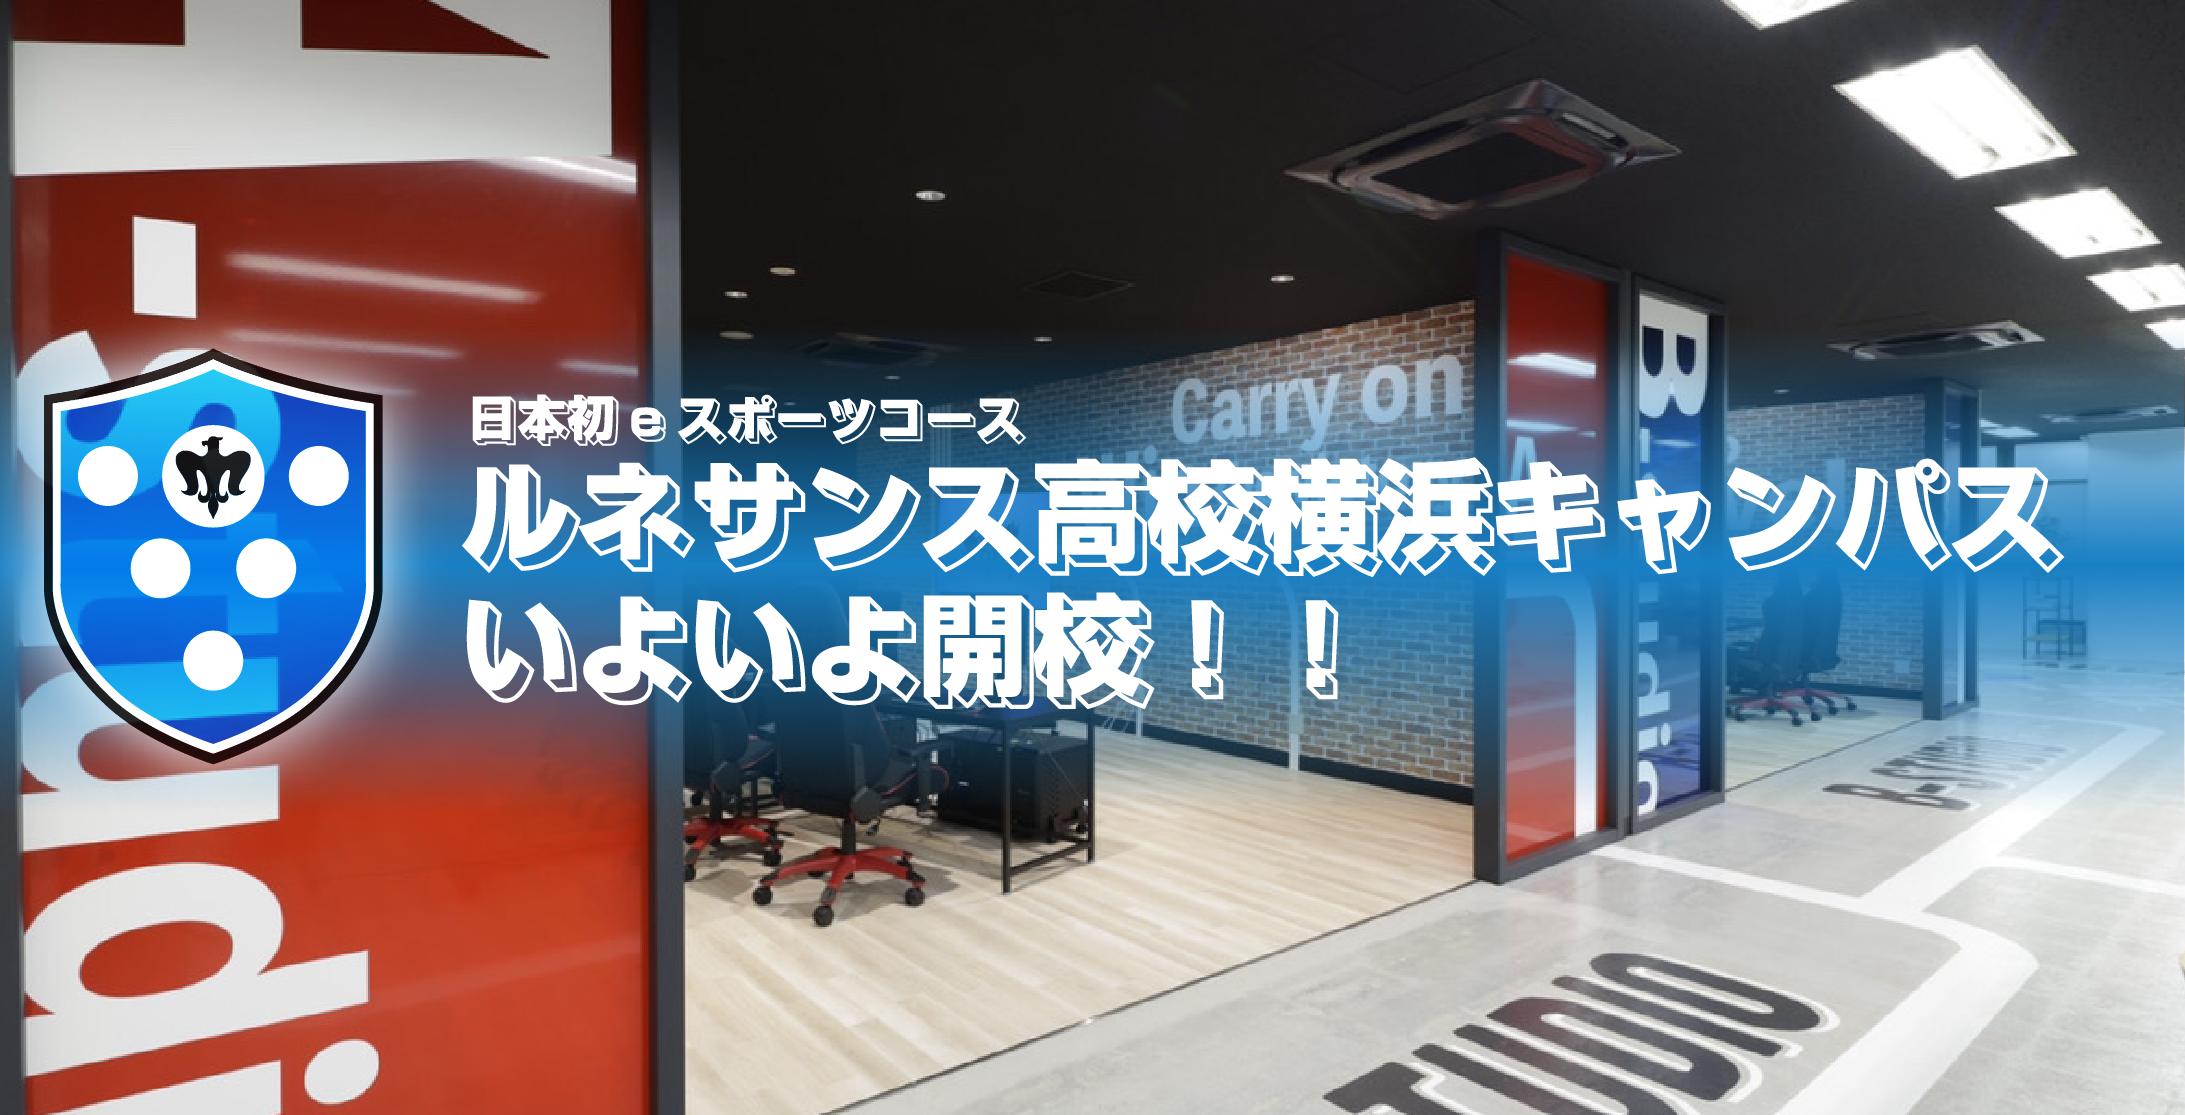 日本初!高等学校によるeスポーツ専門コースルネサンス高等学校横浜キャンパスついに開校!!